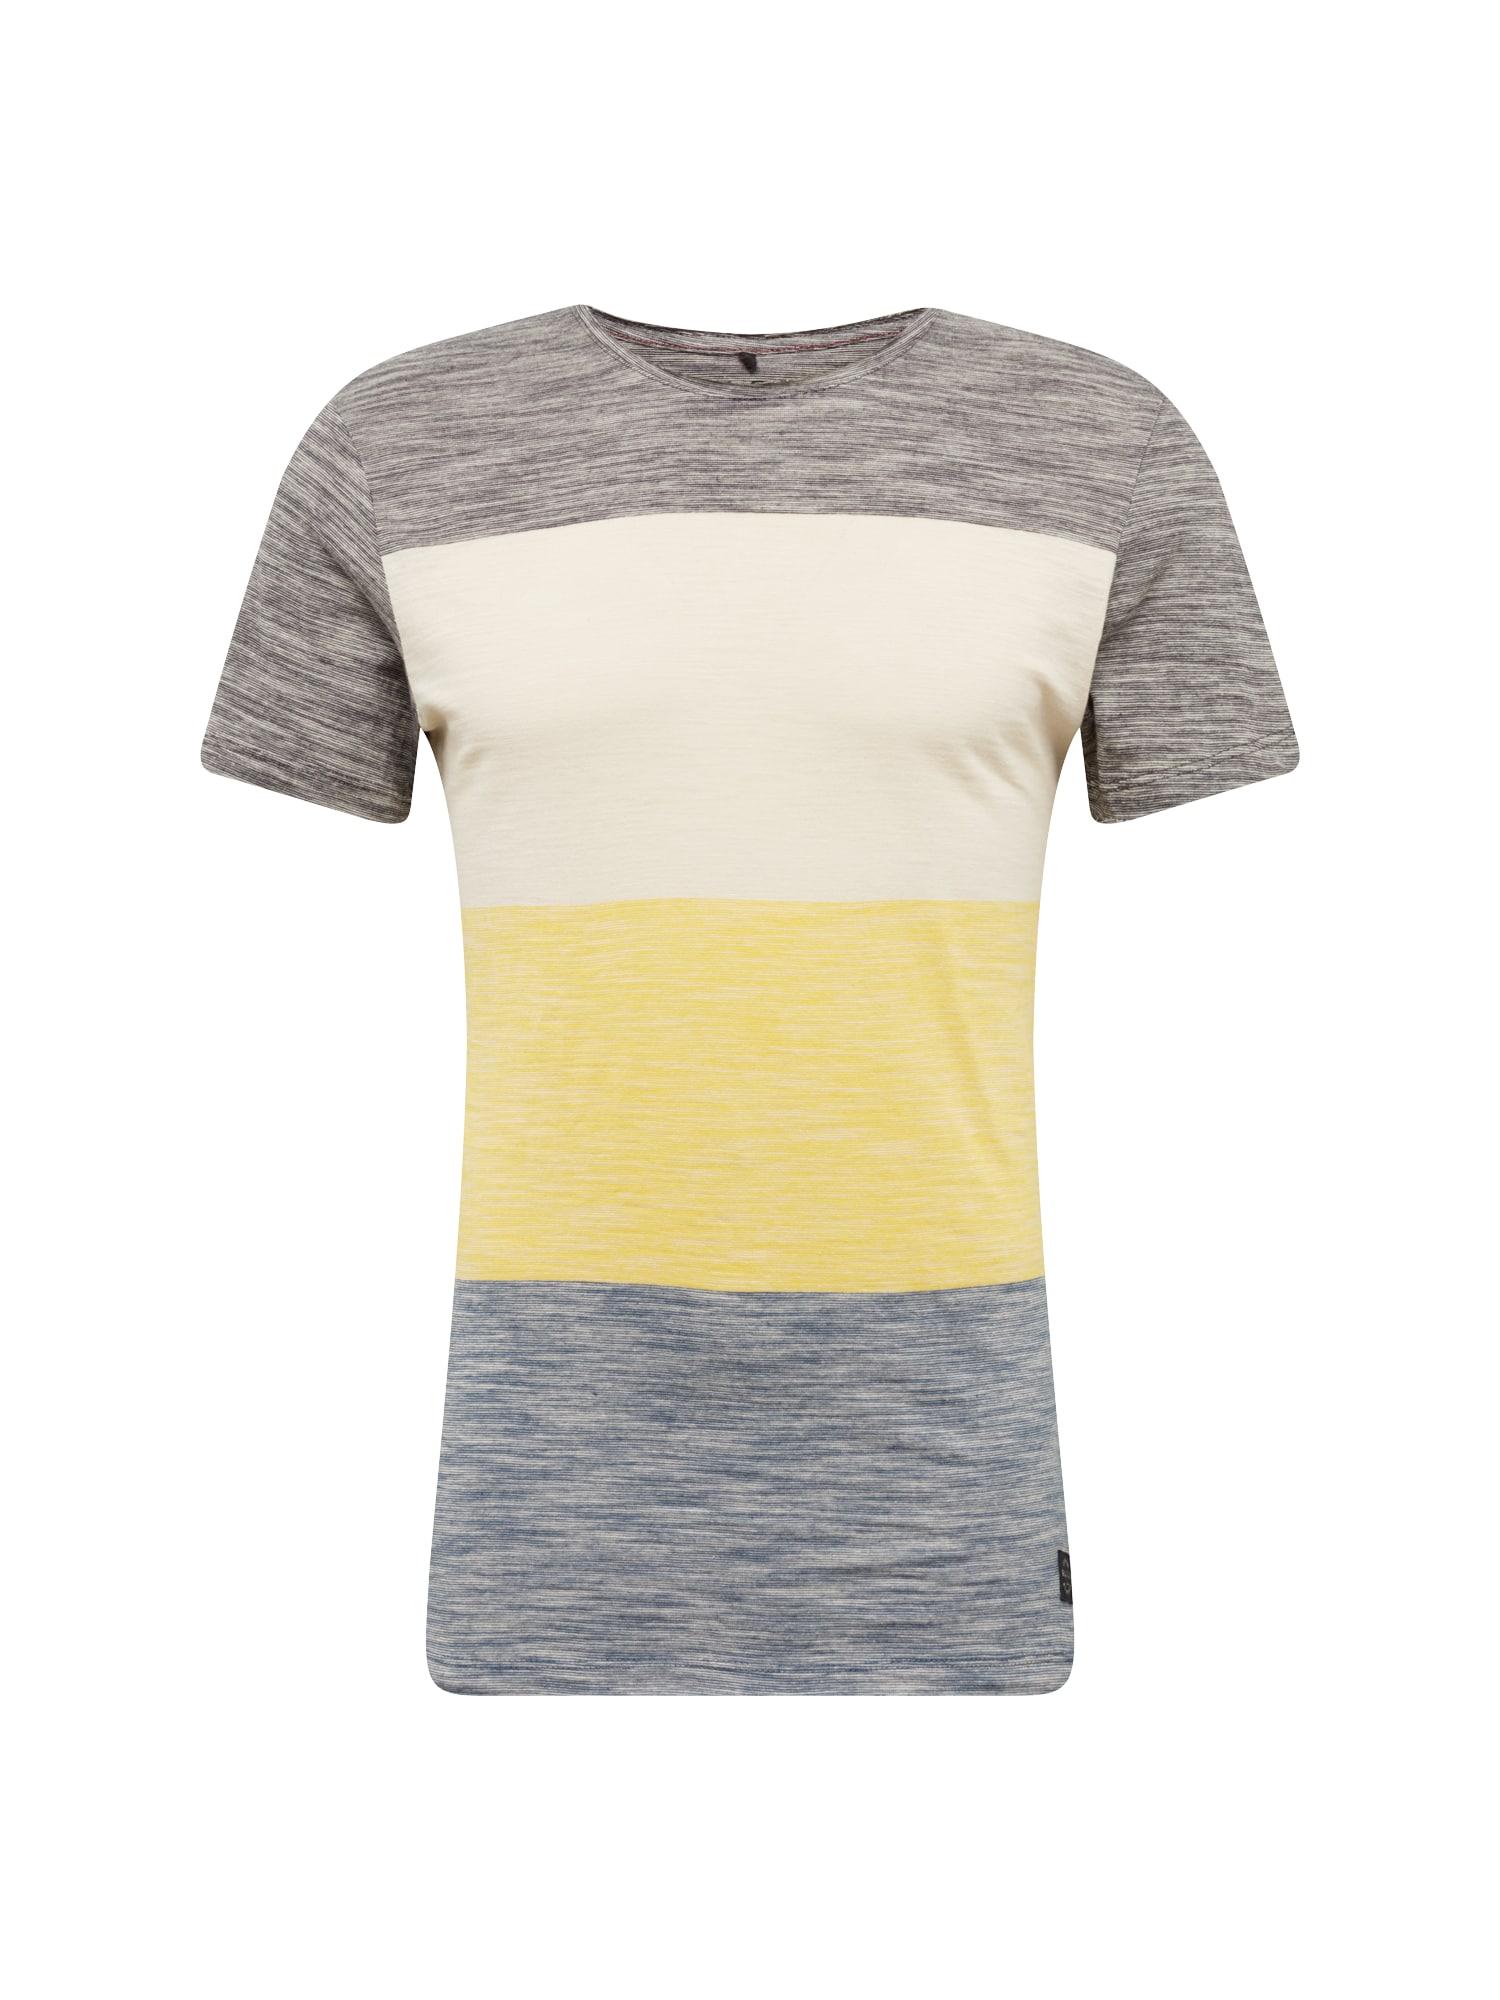 Tričko TEE modrá tmavě modrá žlutá BLEND